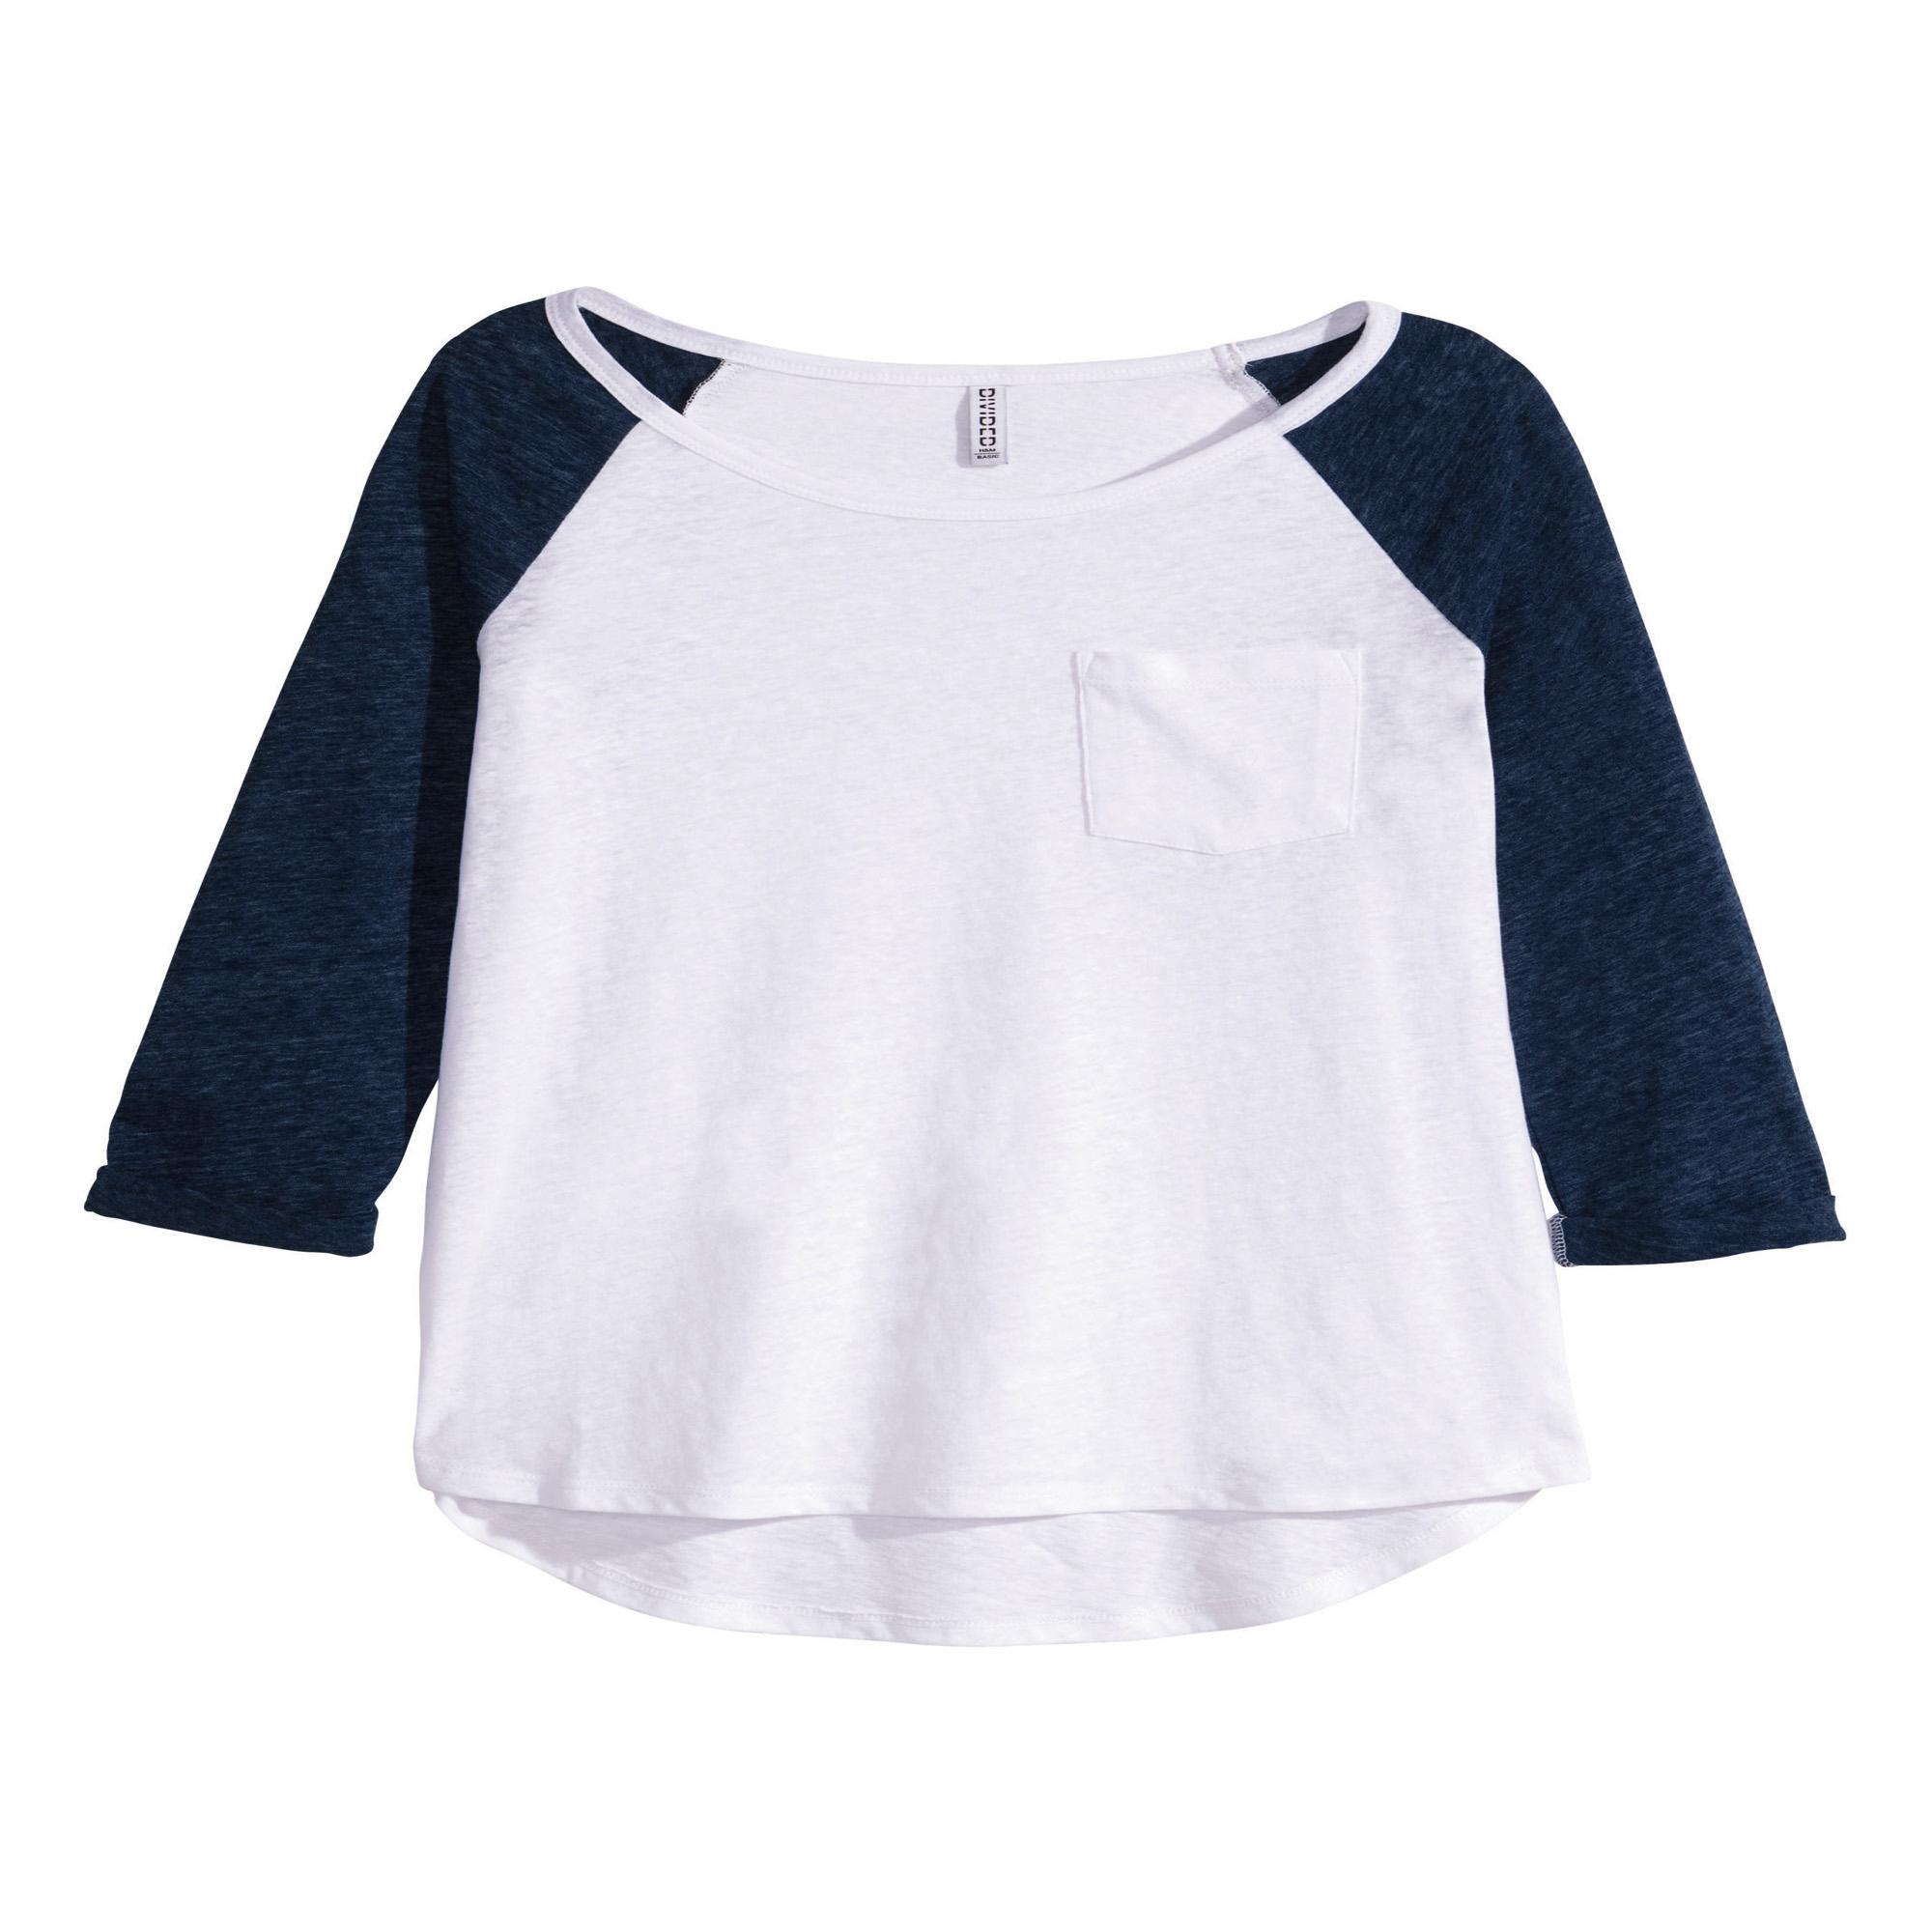 تی شرت آستین بلند  زنانه دیوایدد مدل h1067bw